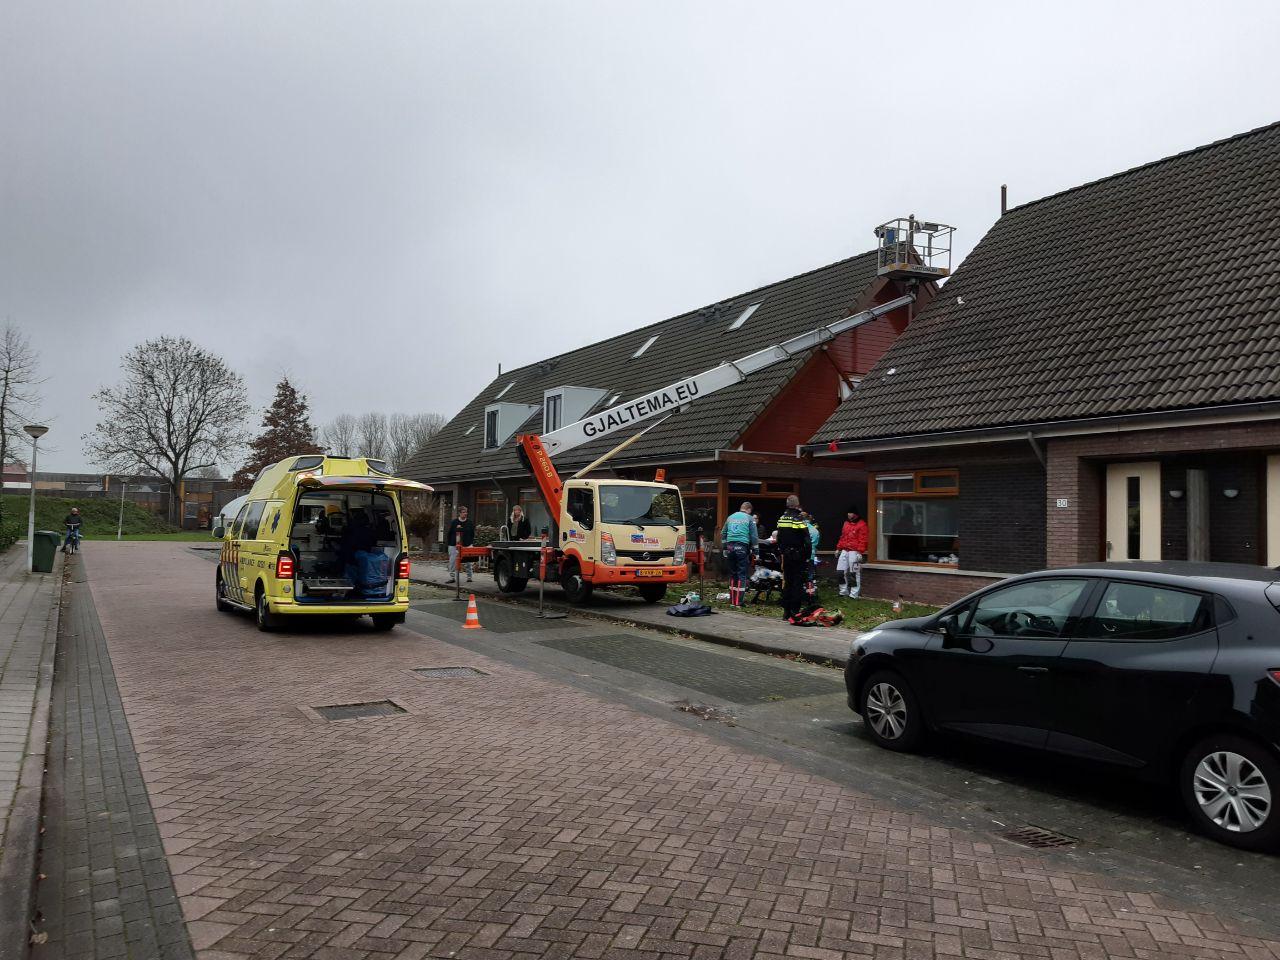 Schilder valt van hoogte en raakt gewond aan de Trimbeets in Gorredijk